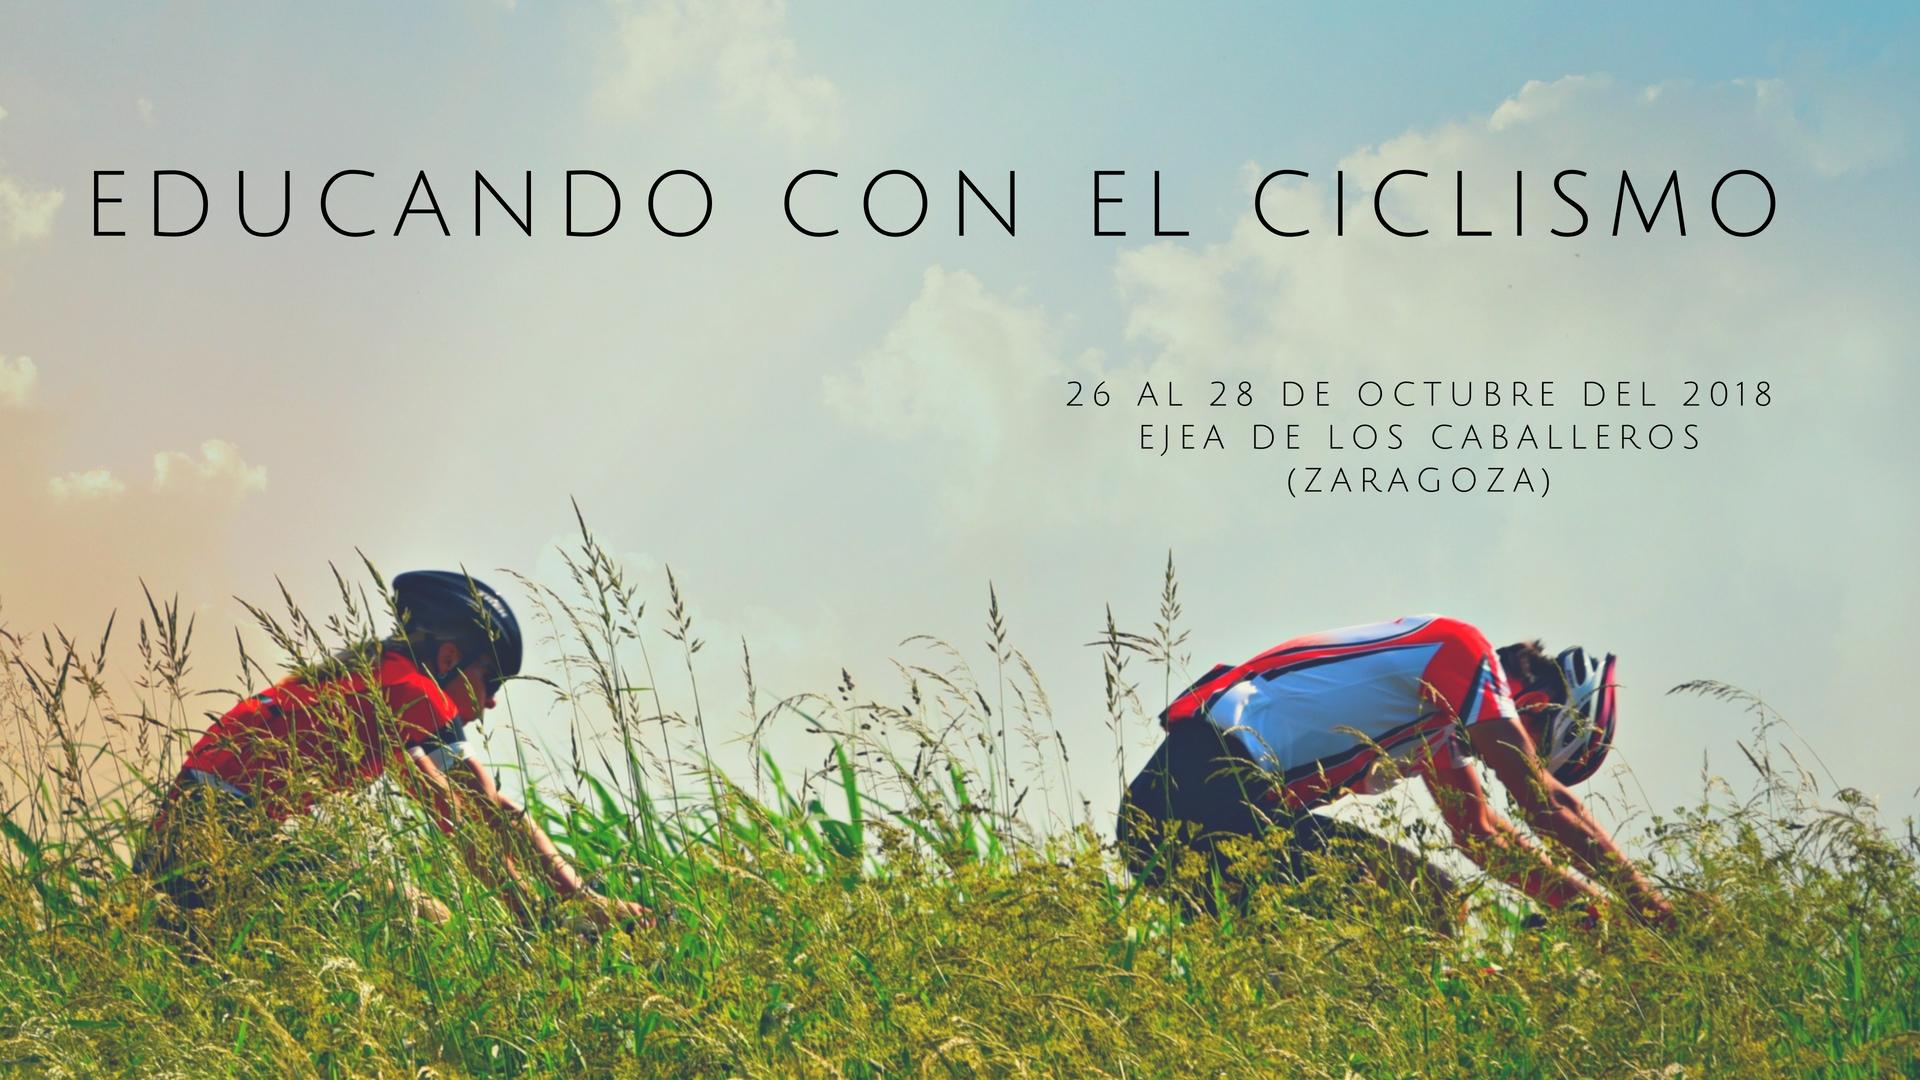 Educando con el Ciclismo 2018